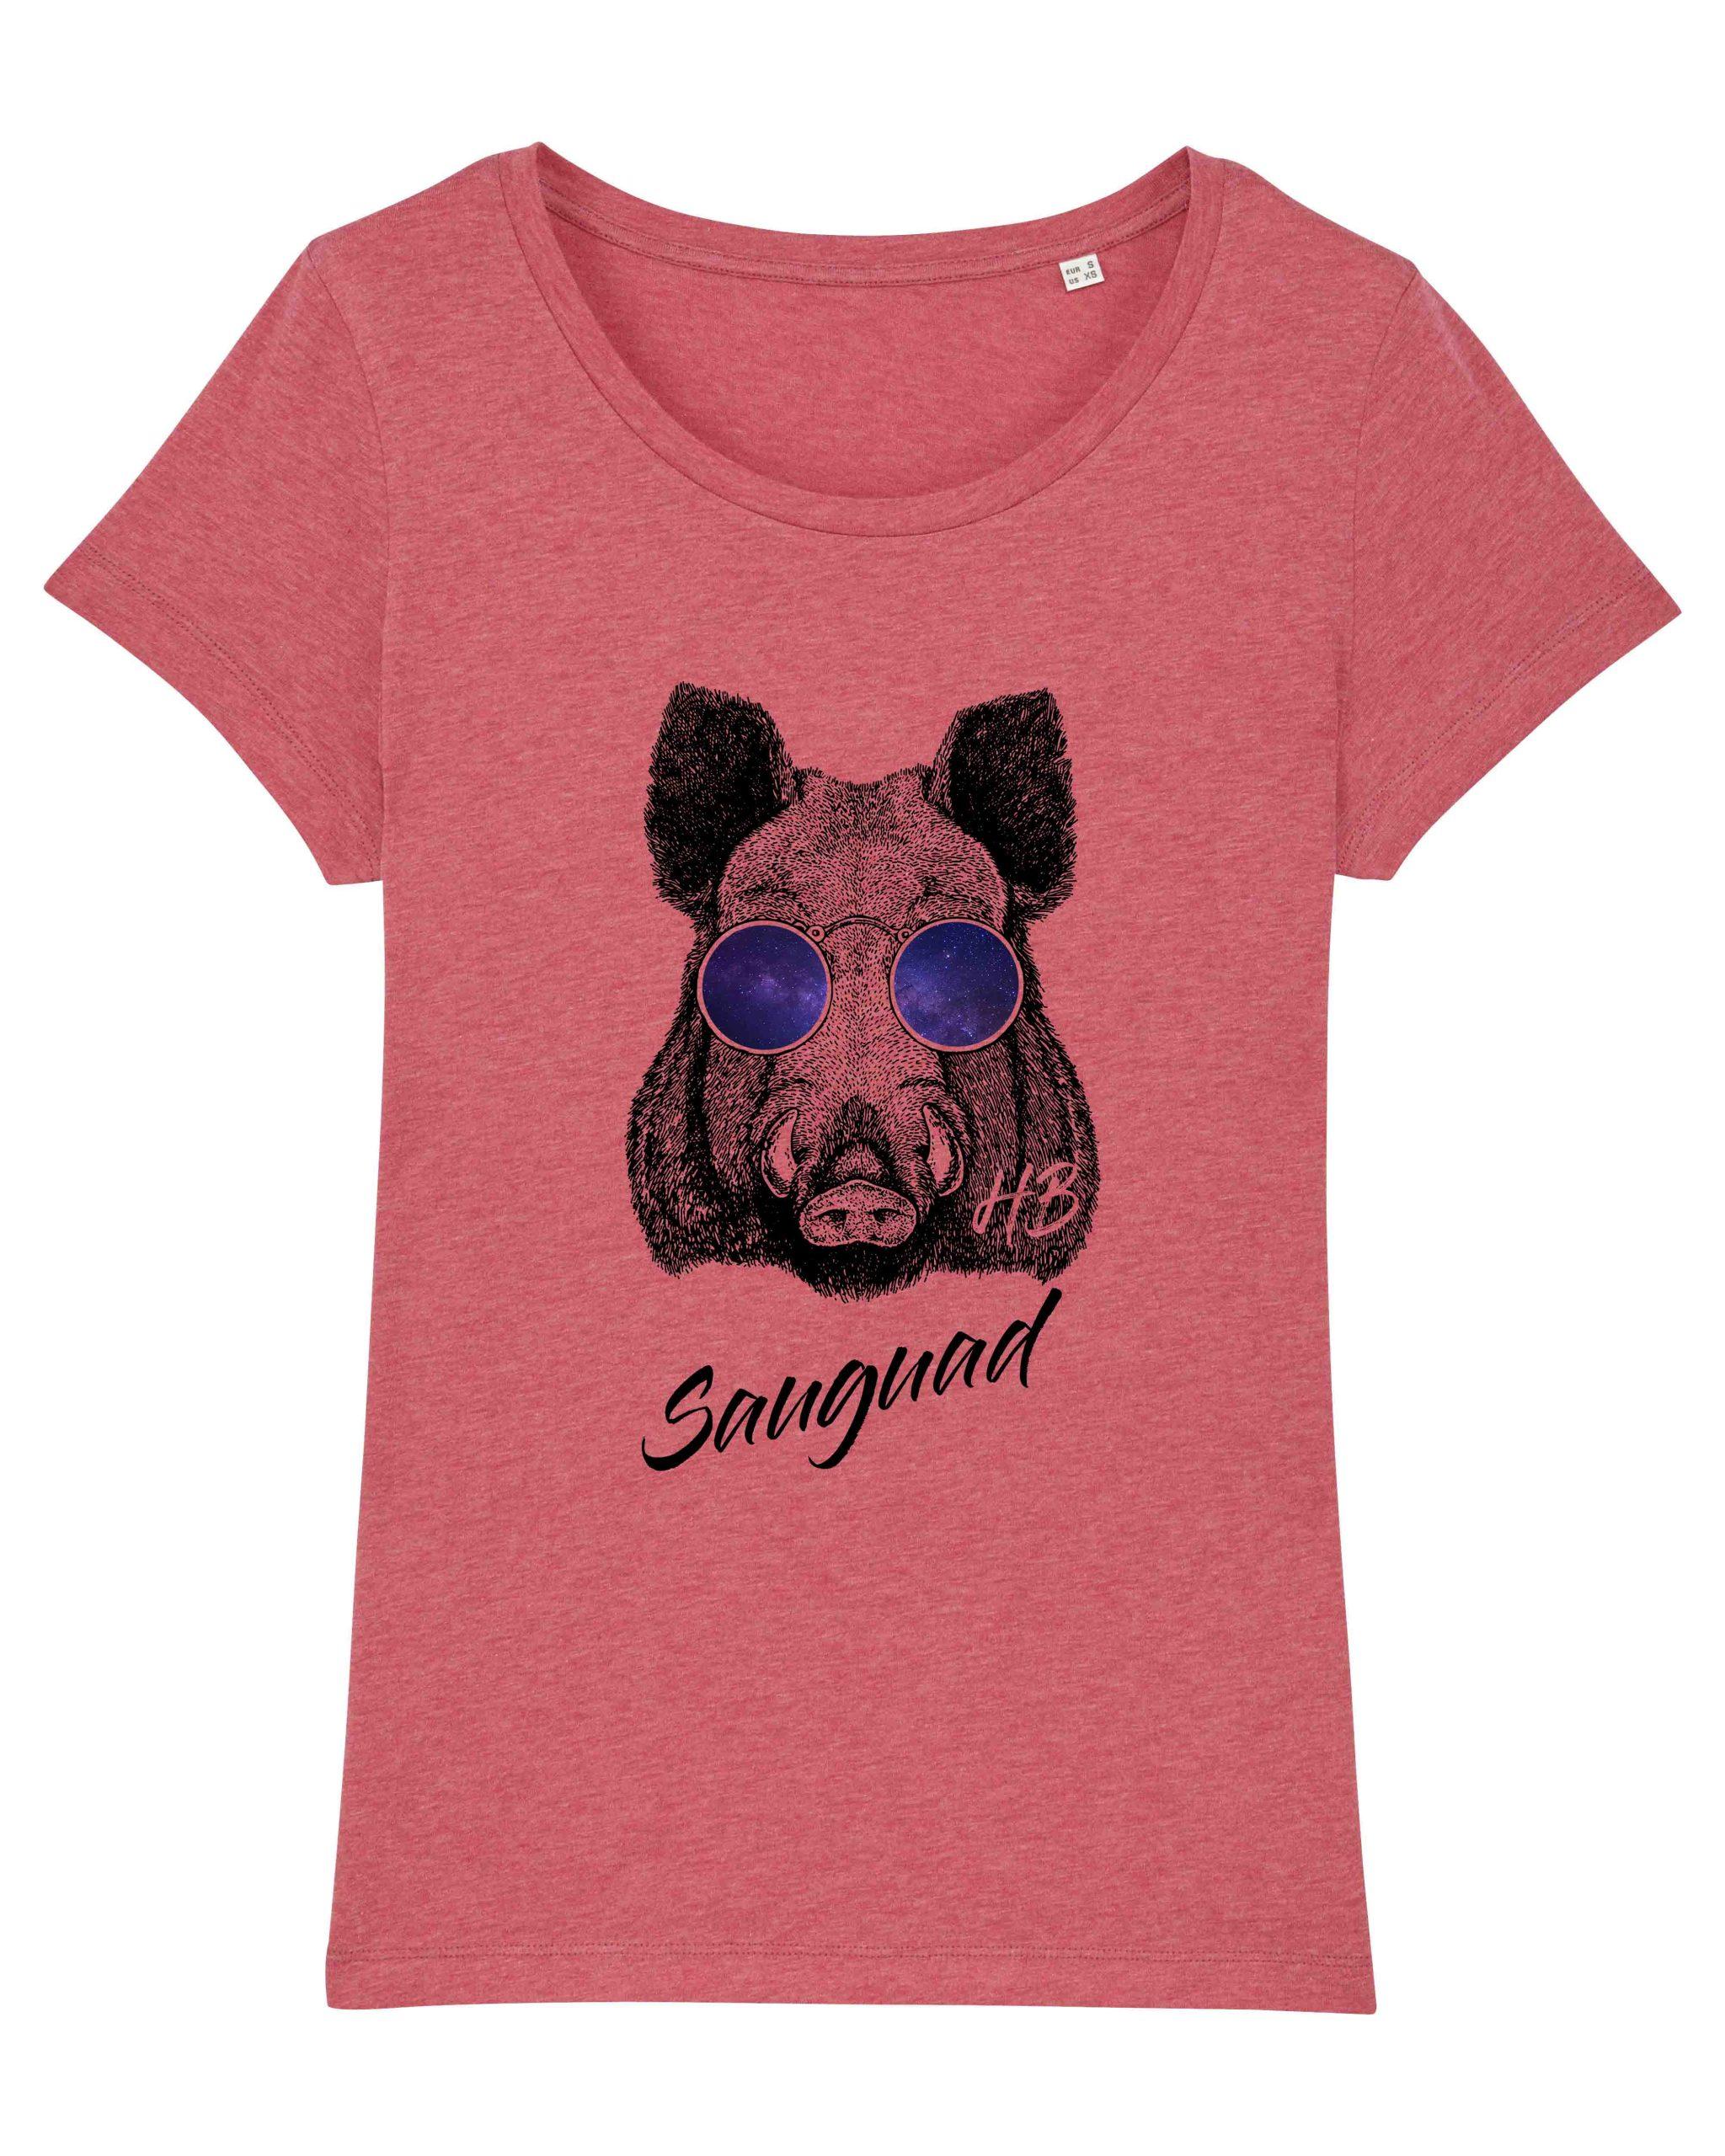 Sauguad - Damen T-Shirt - Himbeerrot Gesprenkelt - XXL